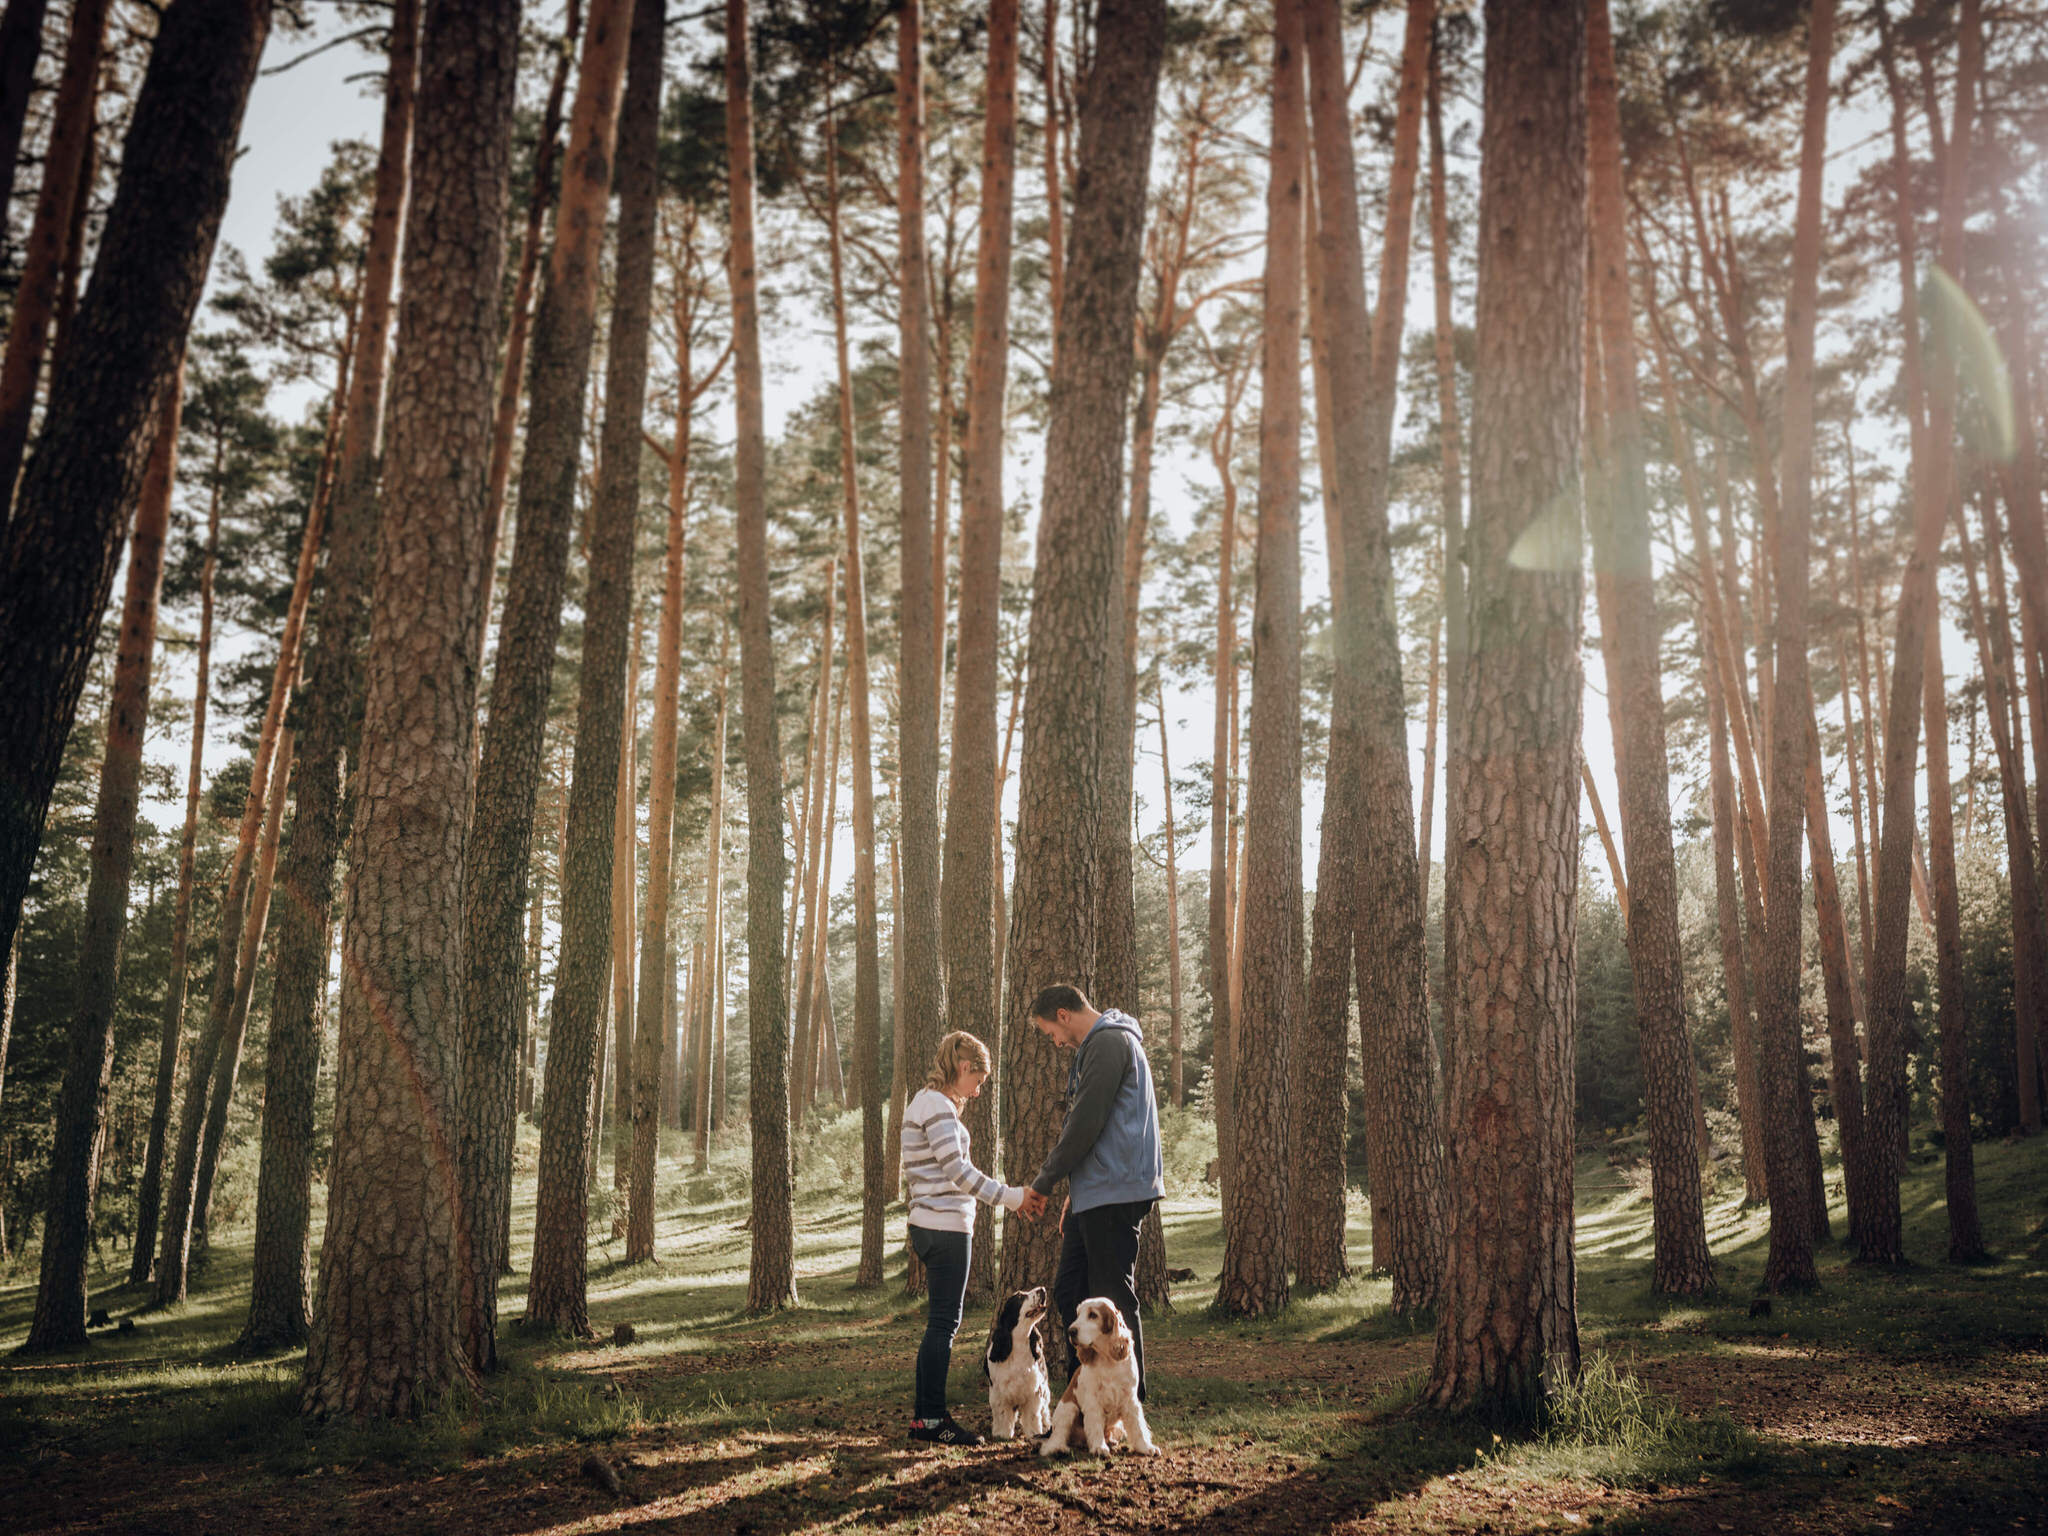 fotografos-de-boda-valladolid-san-valentin